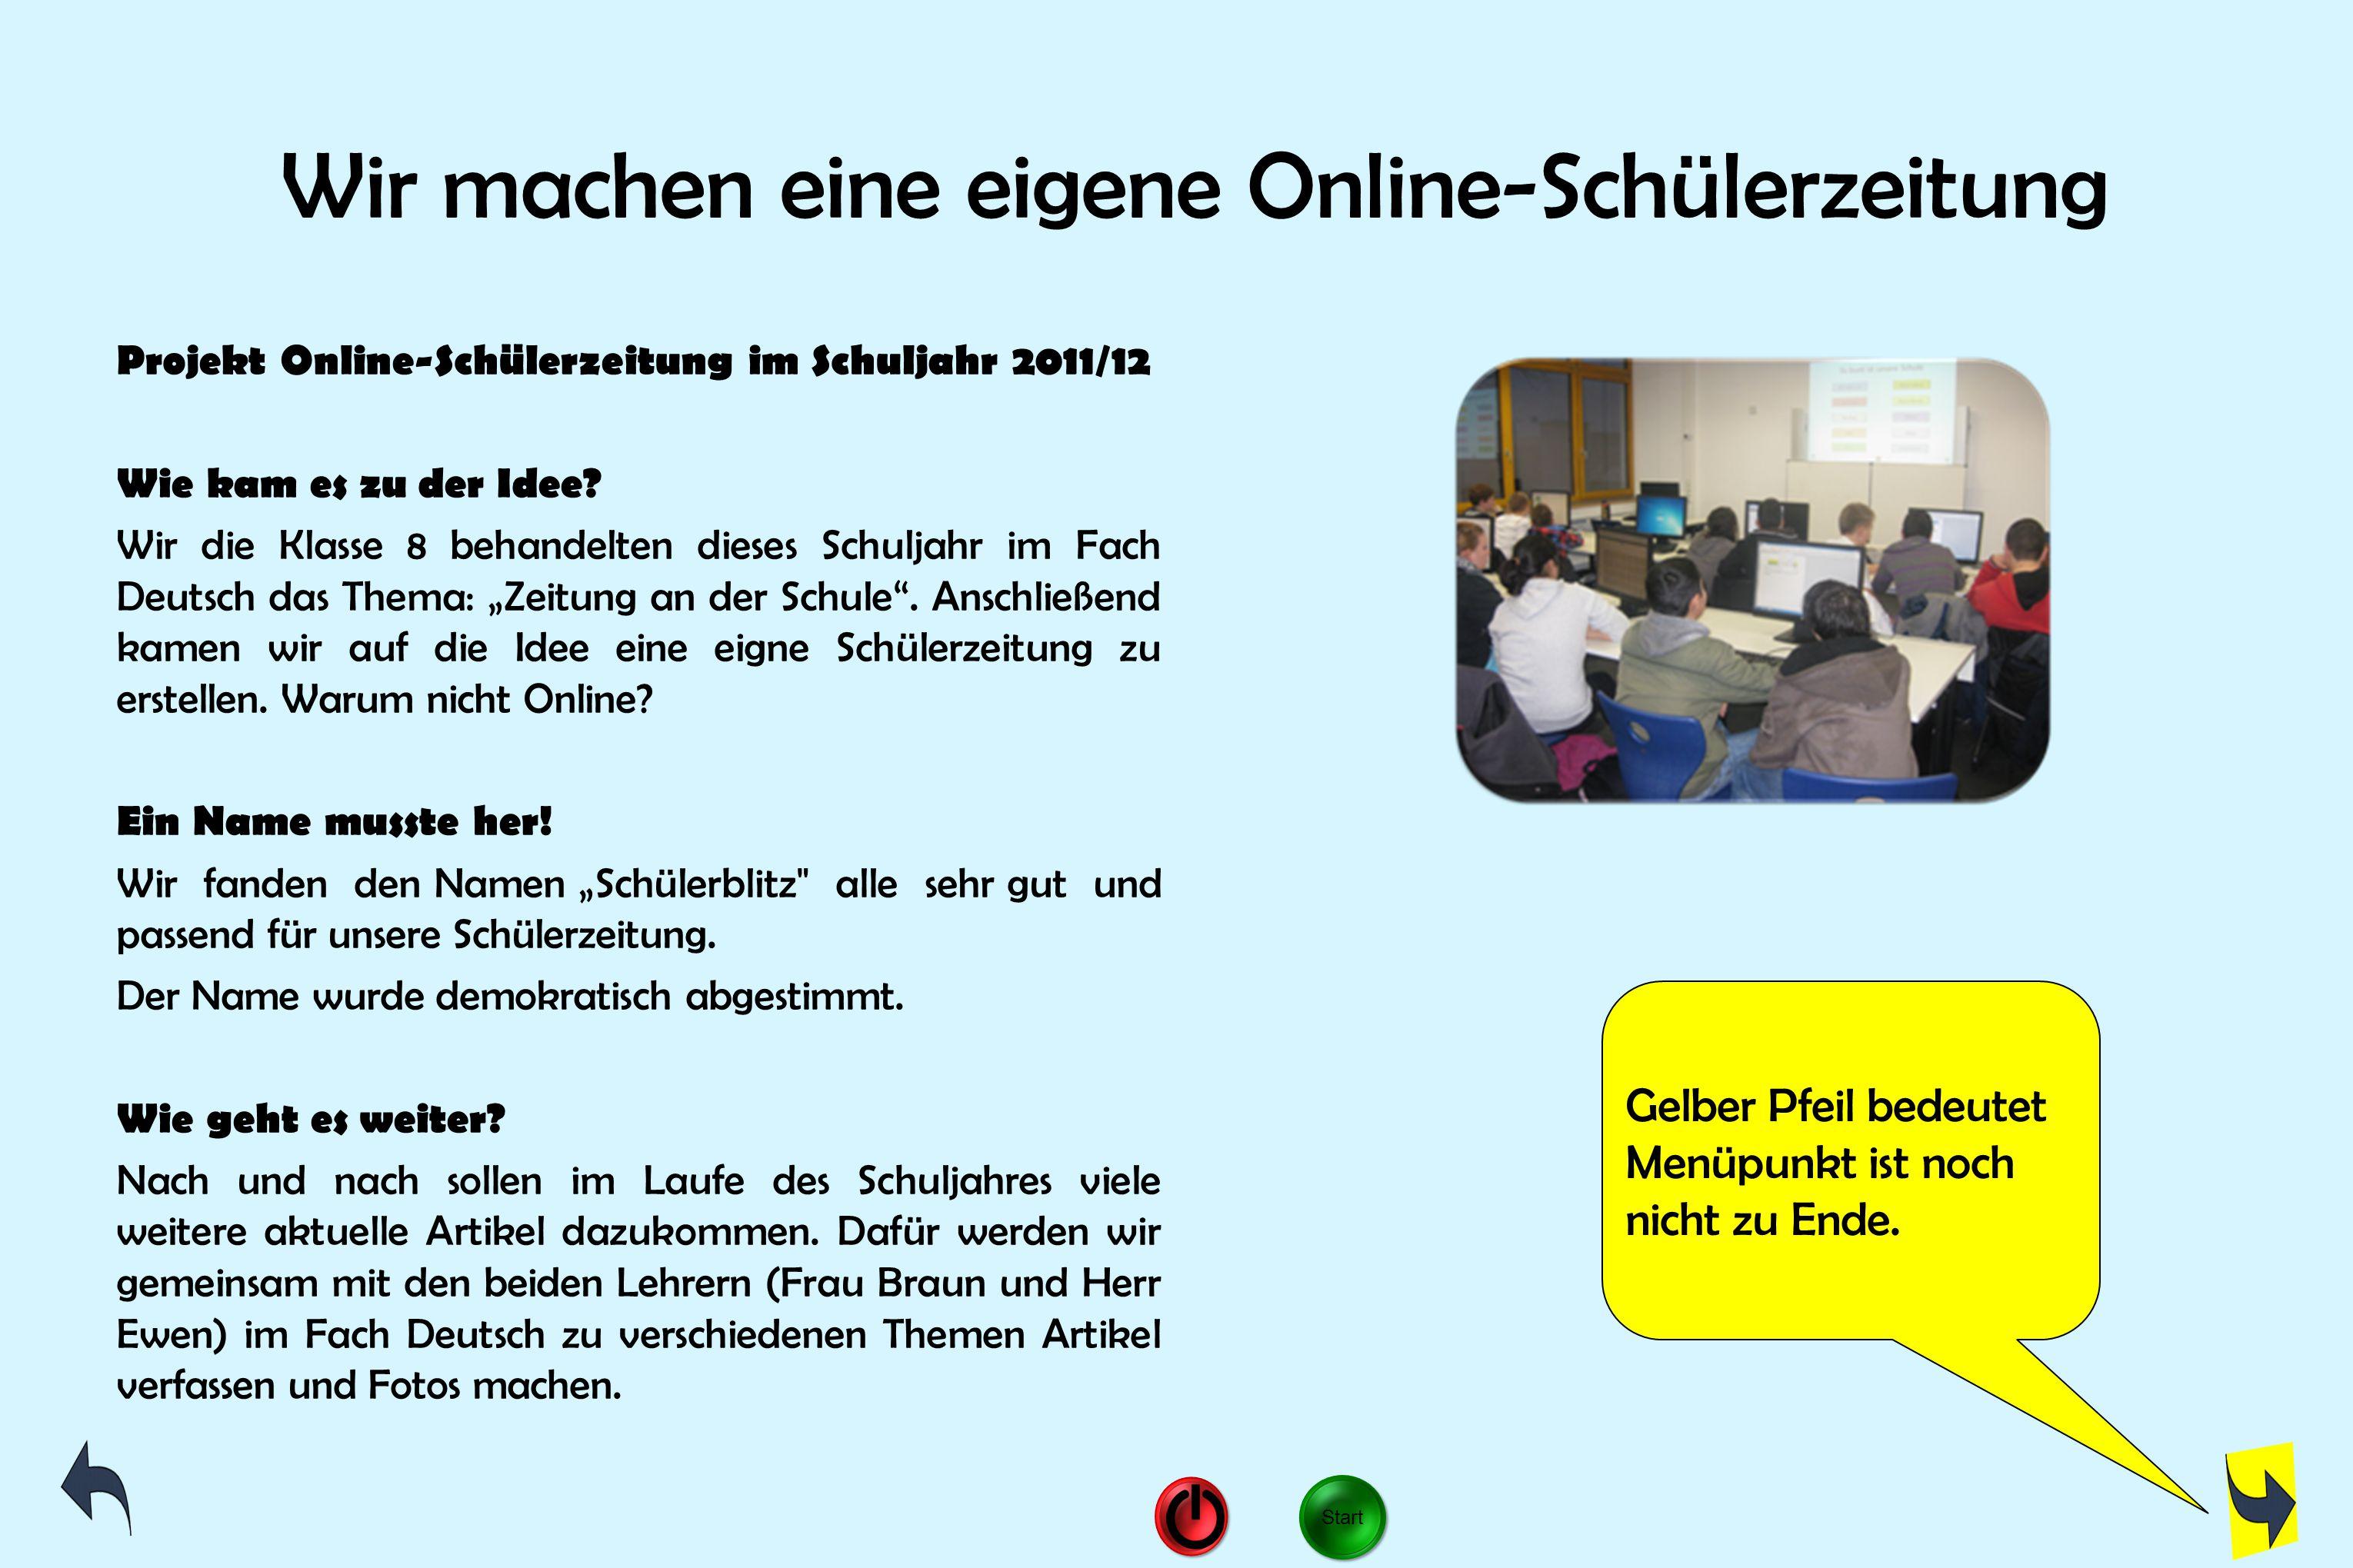 Aufbau der SMV Sitzung In der erste SMV Sitzung zu Beginn des Schuljahrs (der Ludwig- Uhland-Schule) ging es um Themen, die bei jeder ersten SMV Sitzung am Schuljahresanfang wichtig sind.